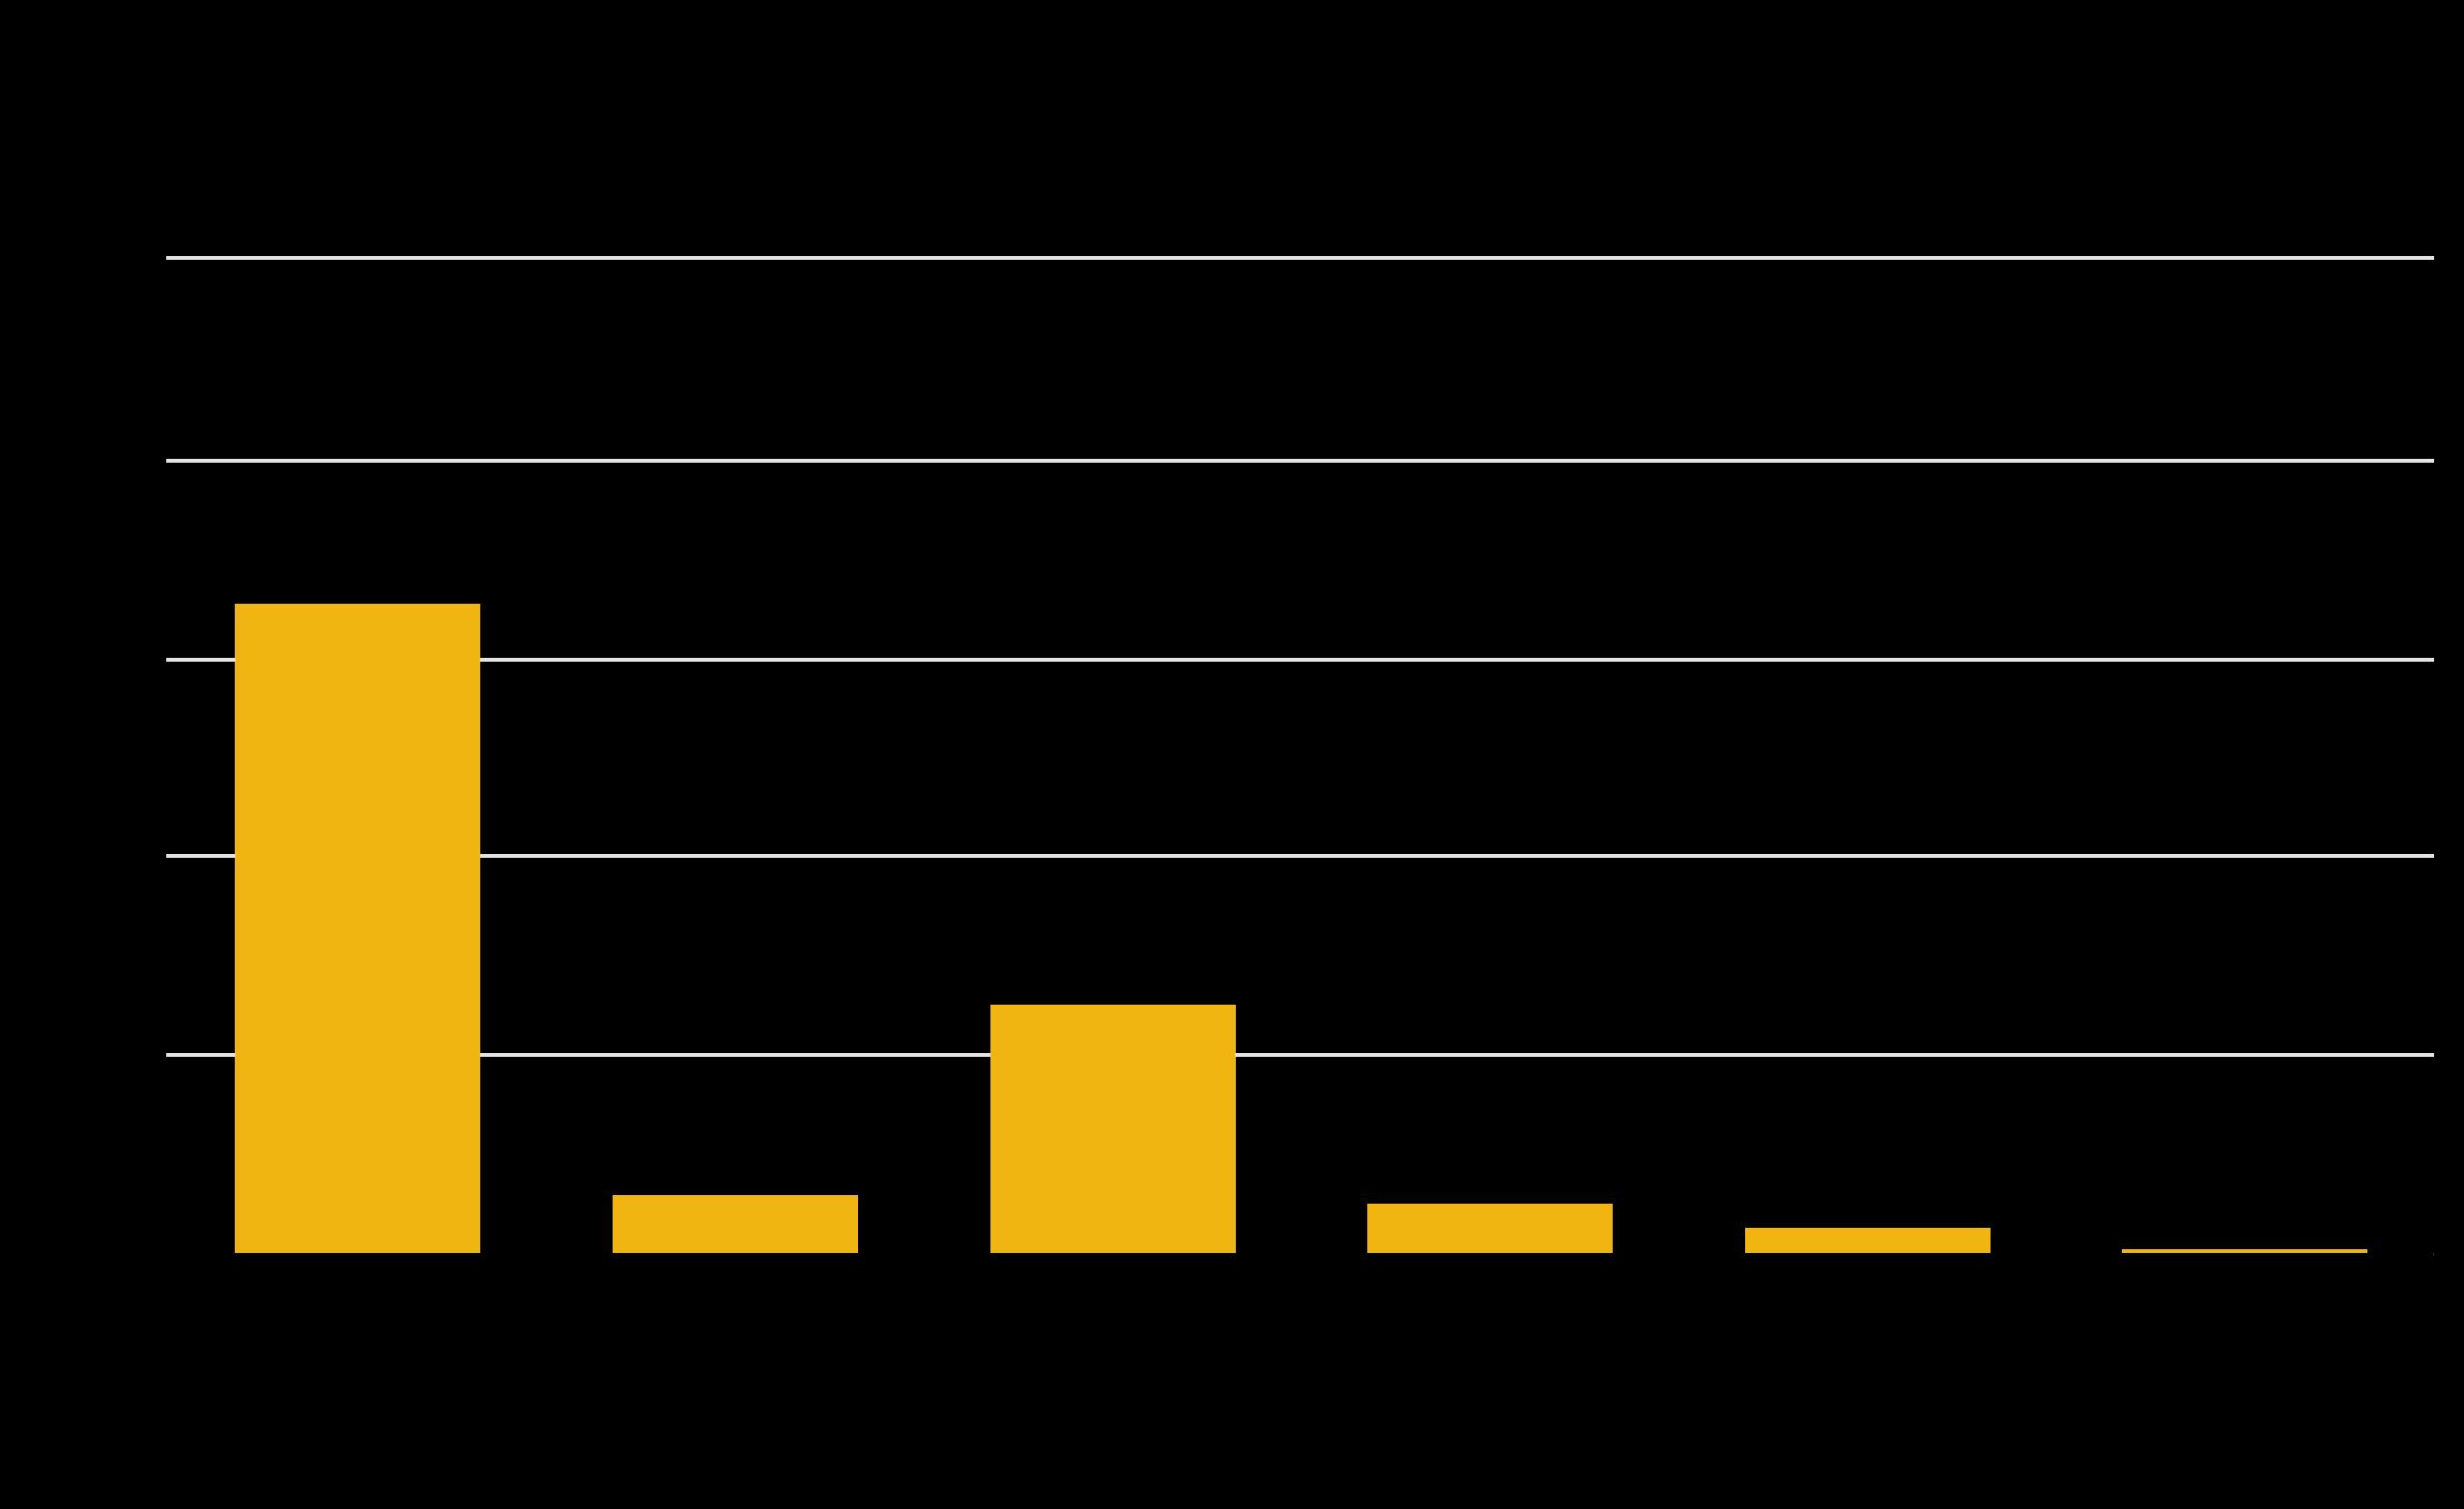 Colorado General Fund Revenue Sources